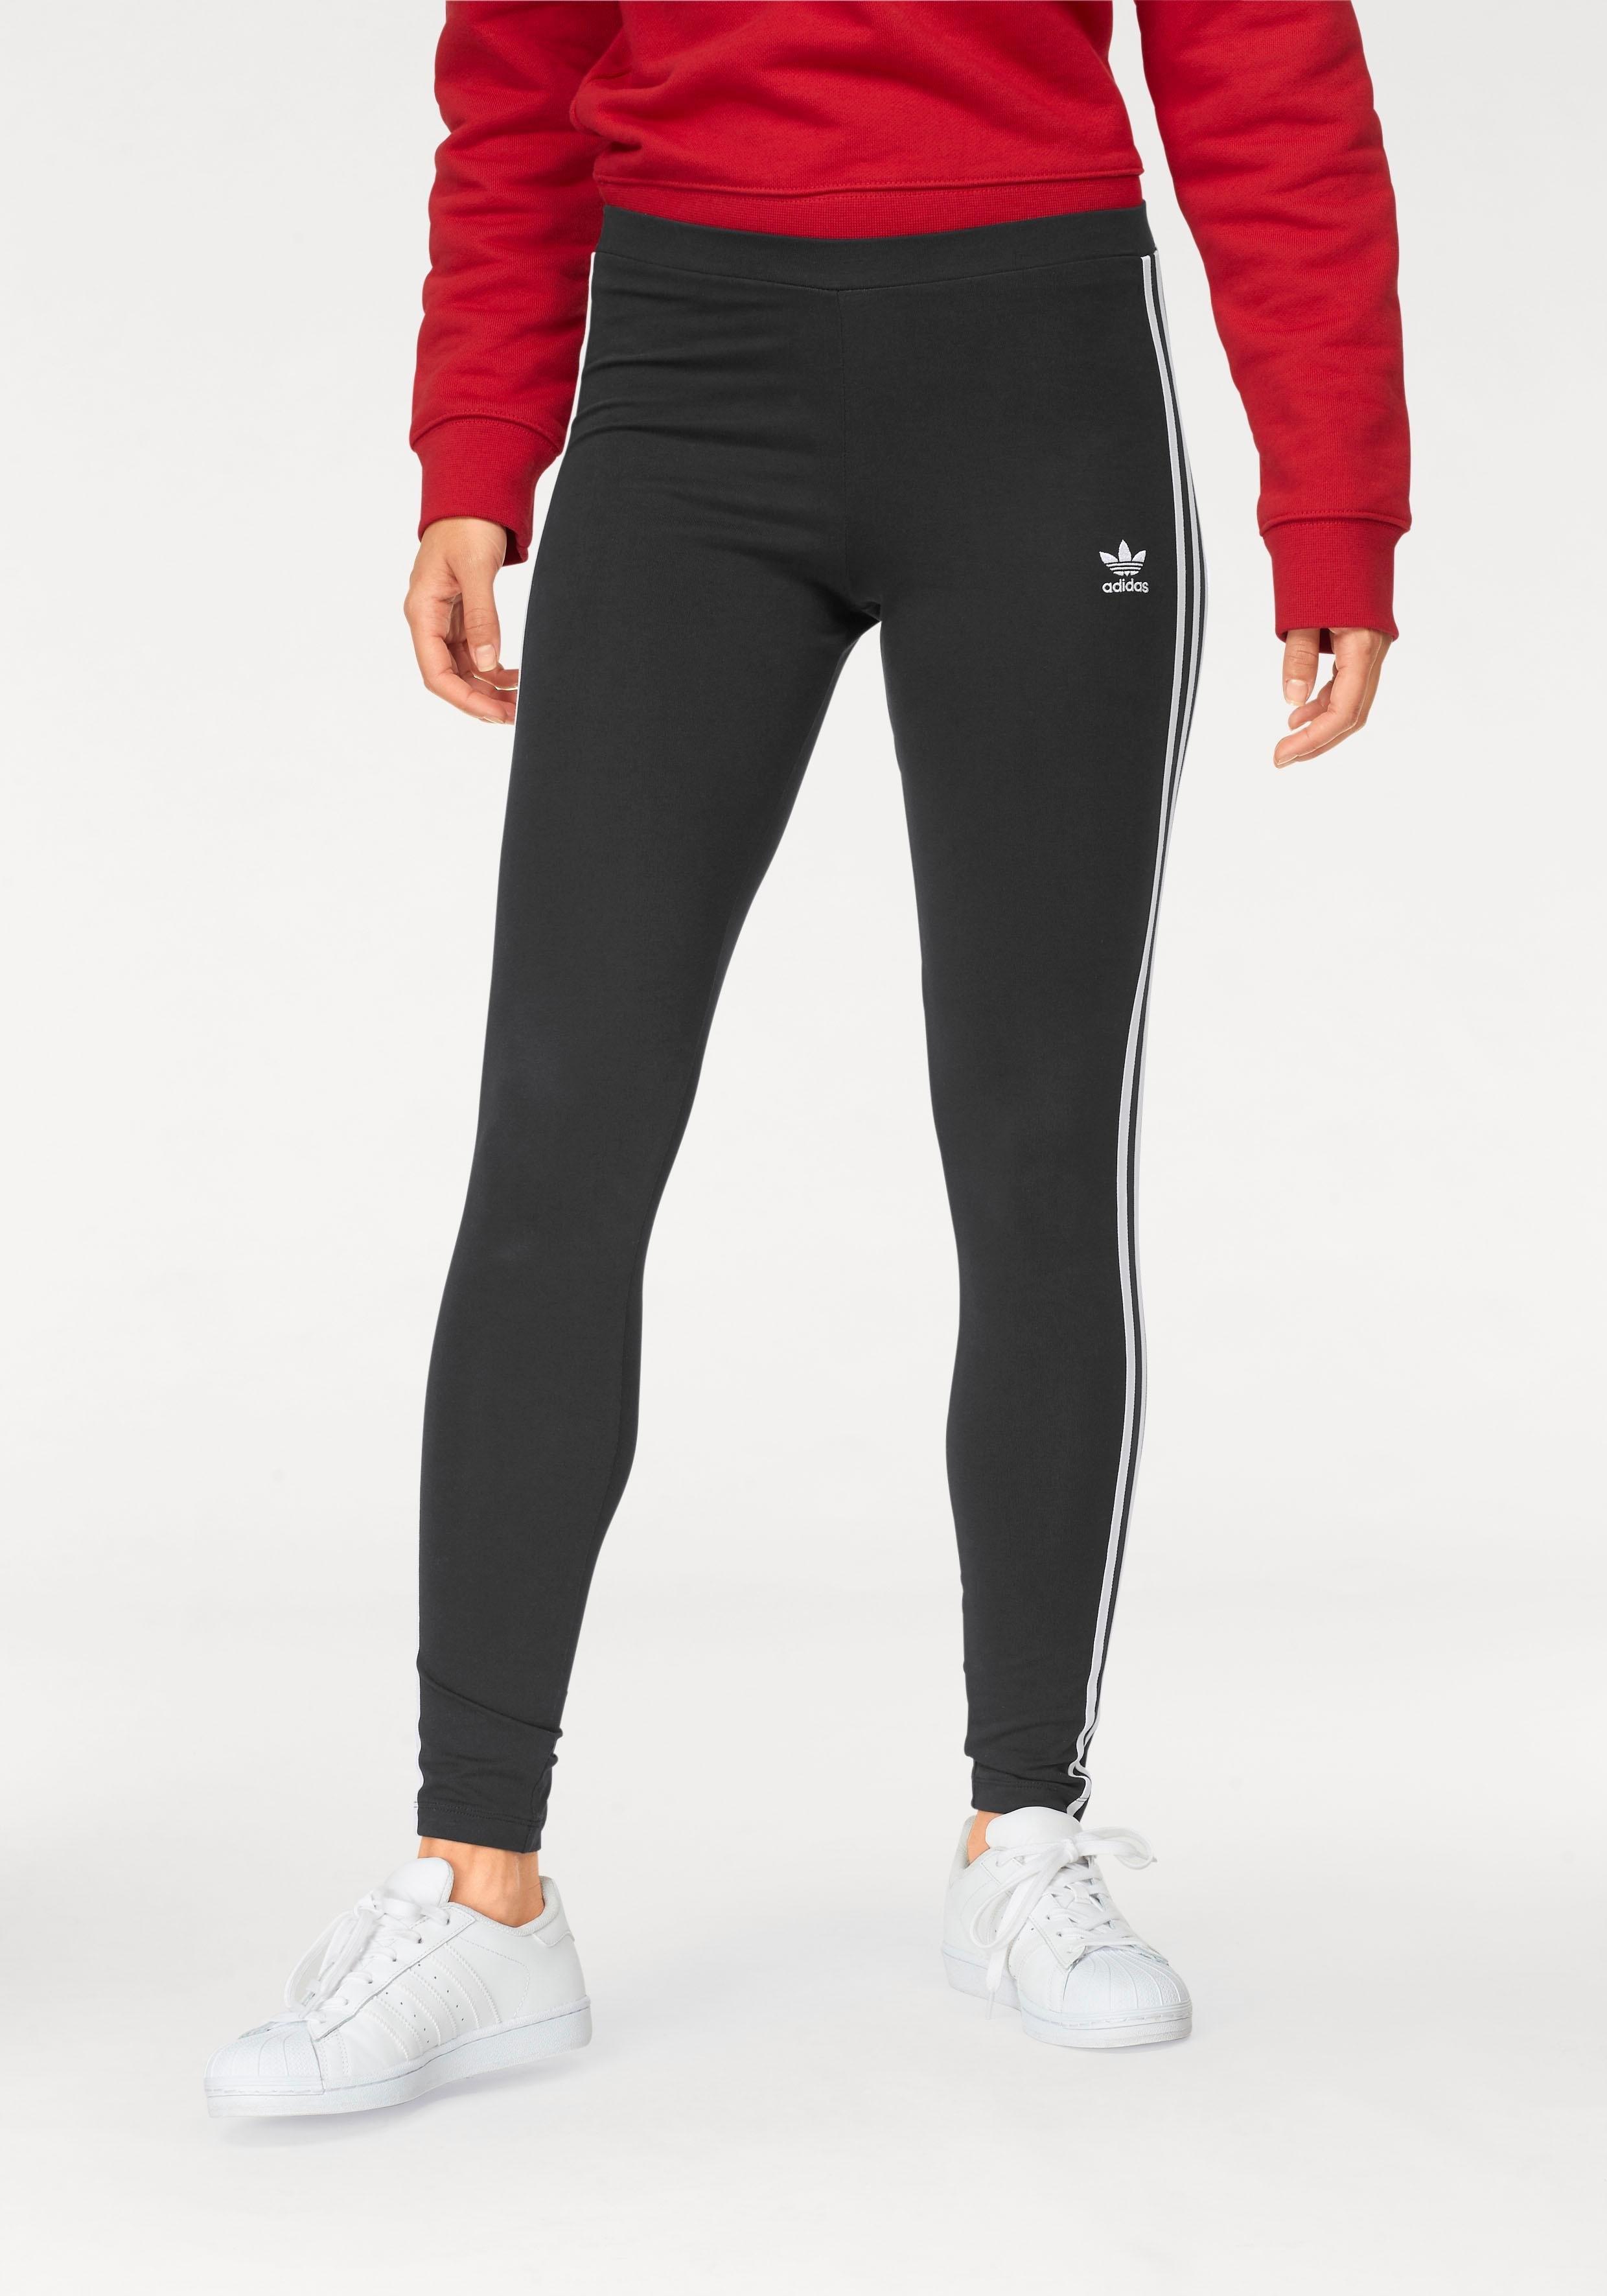 adidas Originals legging »3STR TIGHT« goedkoop op otto.nl kopen